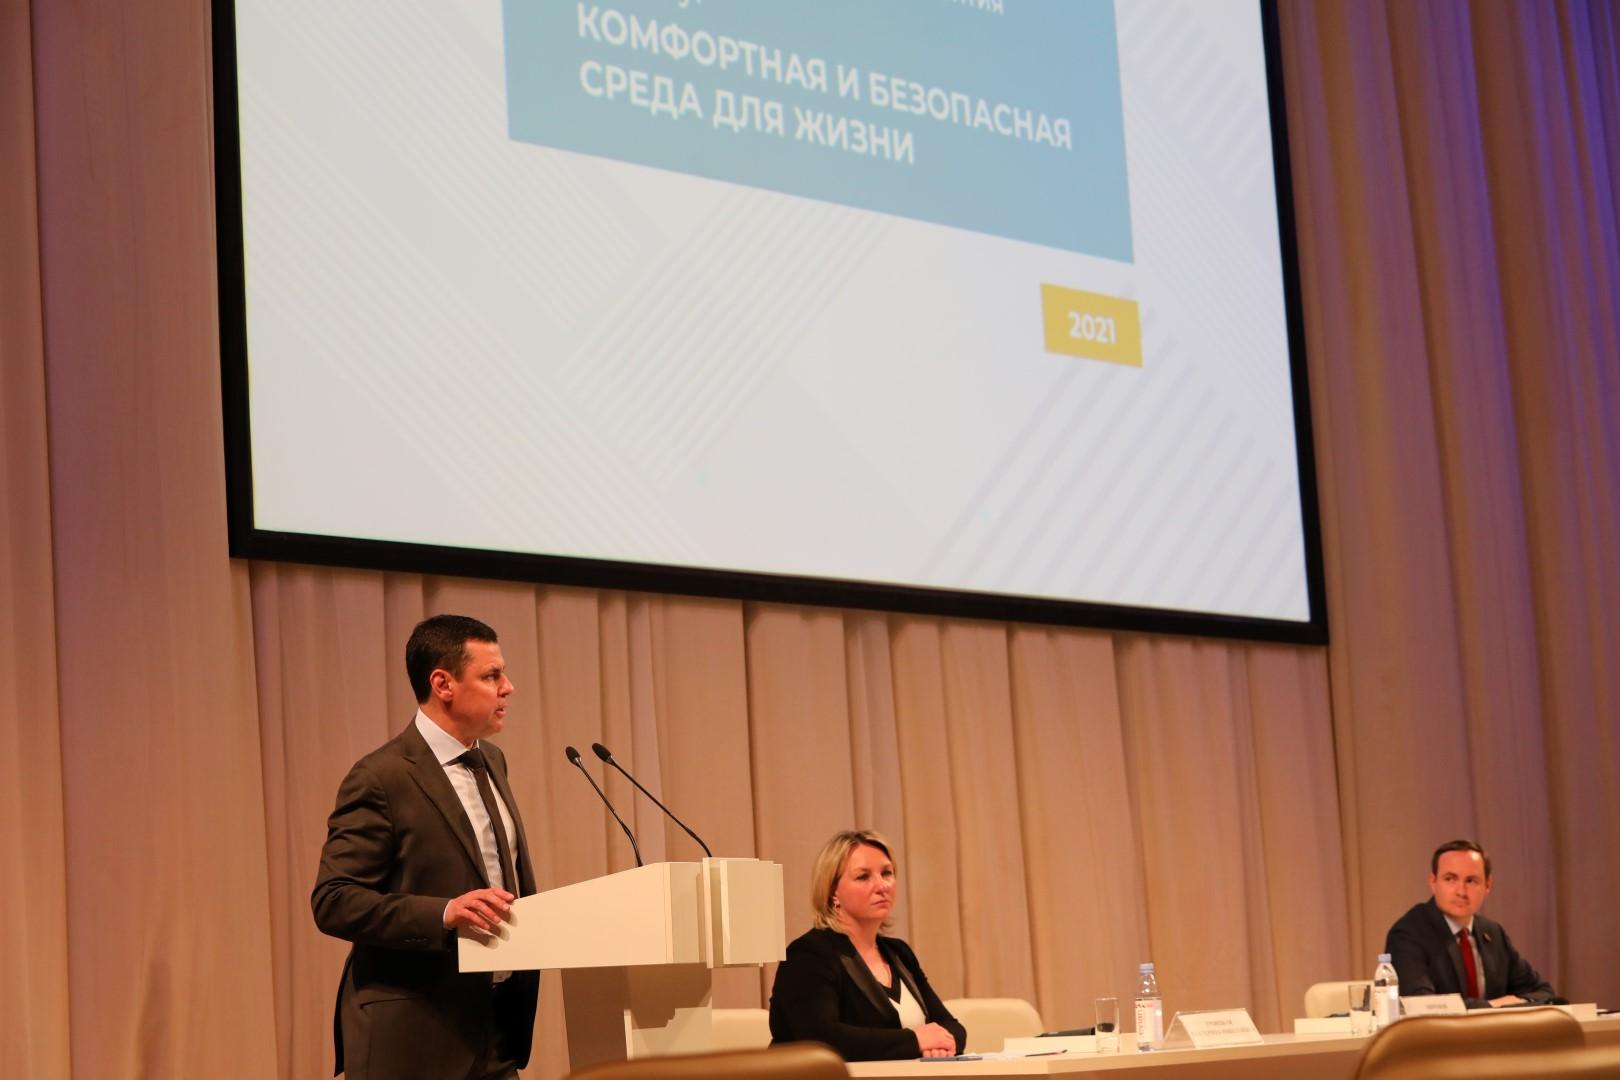 Дмитрий Миронов провел общественное обсуждение стратегии социально-экономического развития Ярославской области